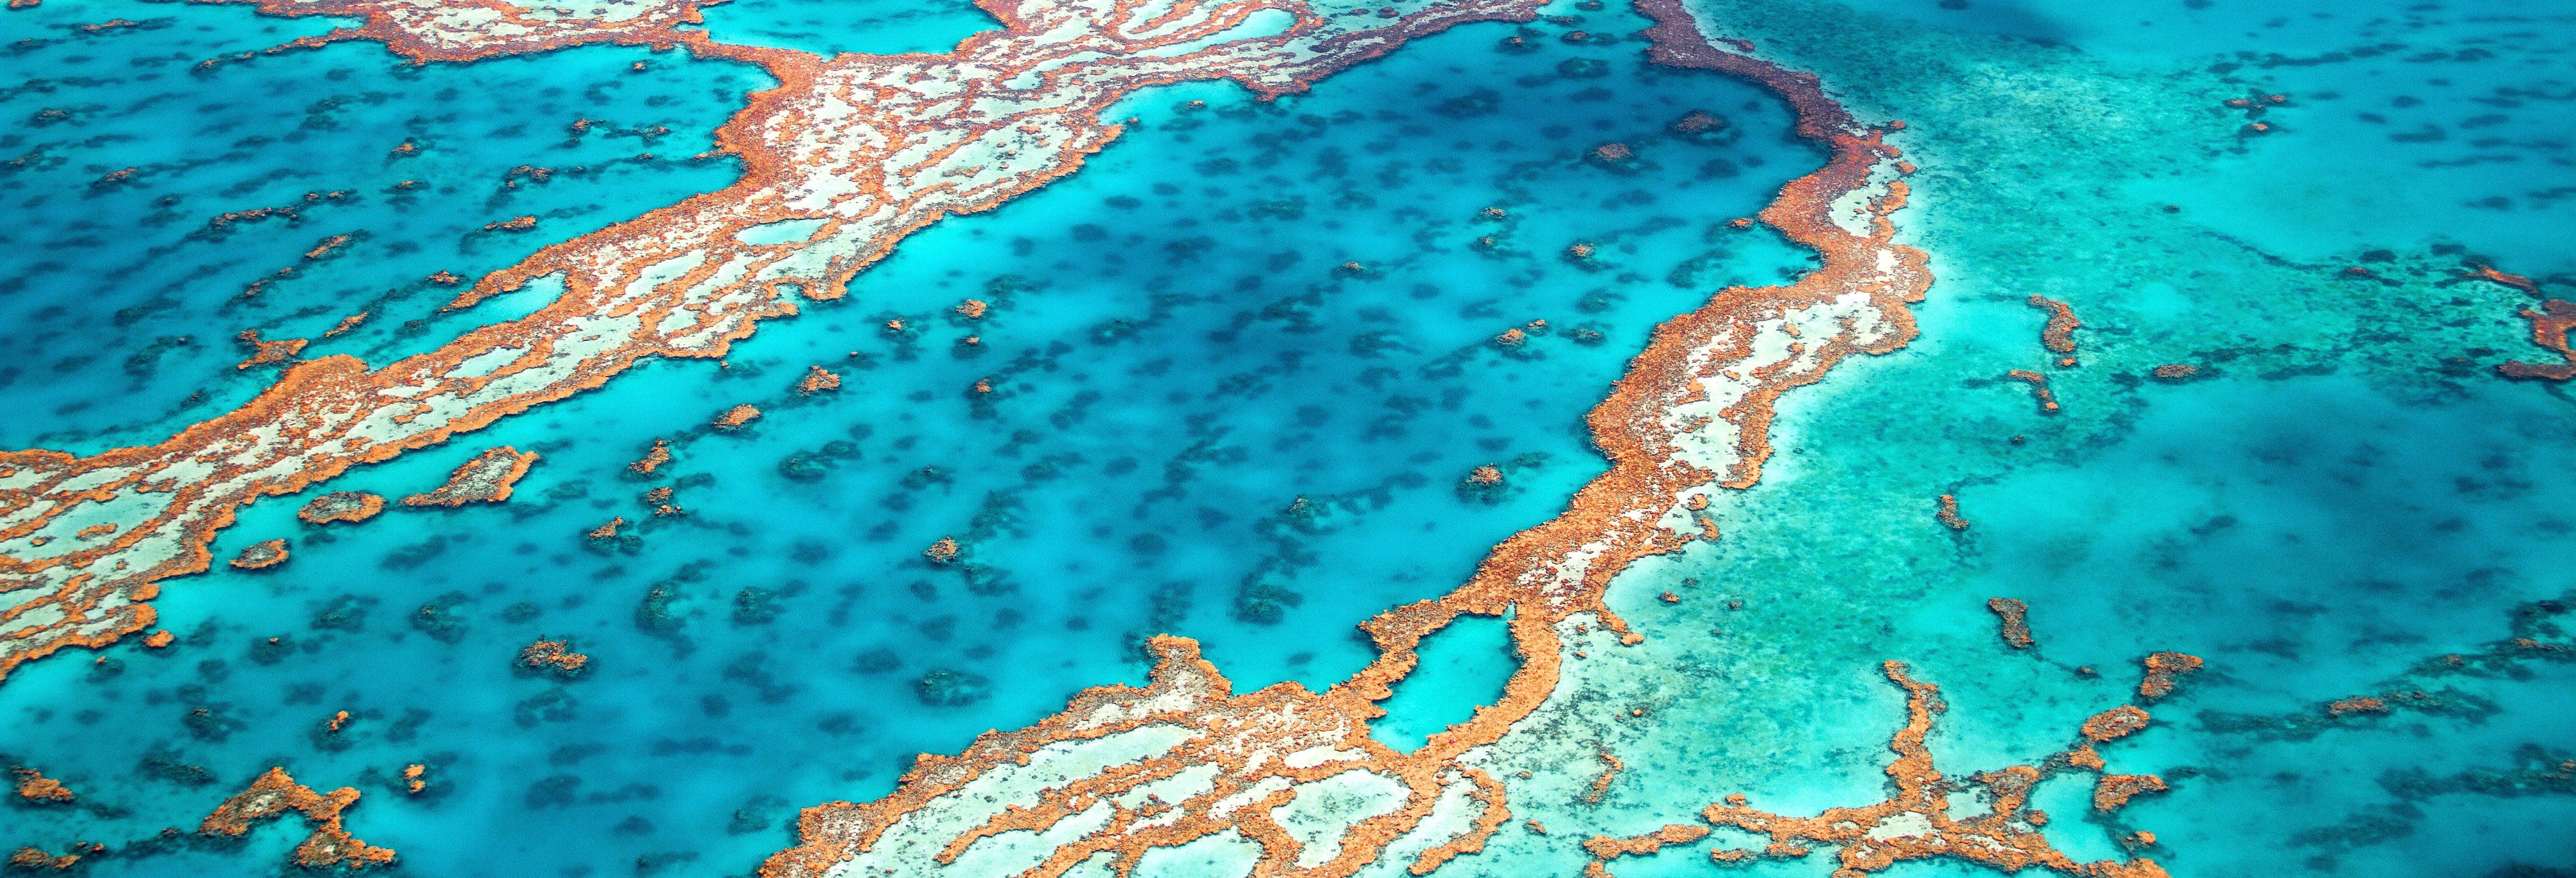 Excursion à la Grande Barrière de Corail et plateforme Marine World